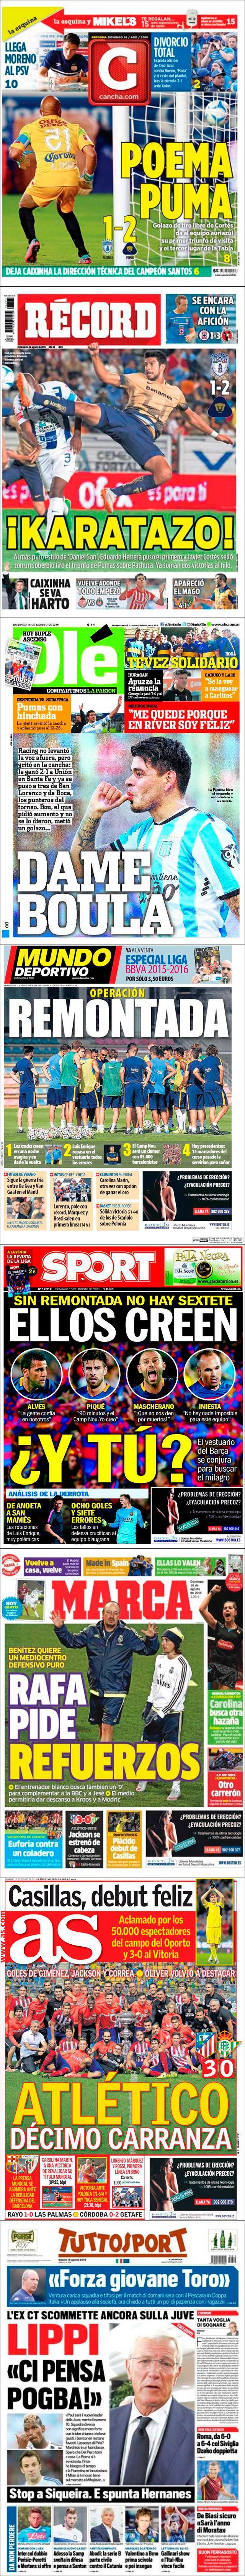 La prensa deportiva más importante del 16 de agosto de 2015.